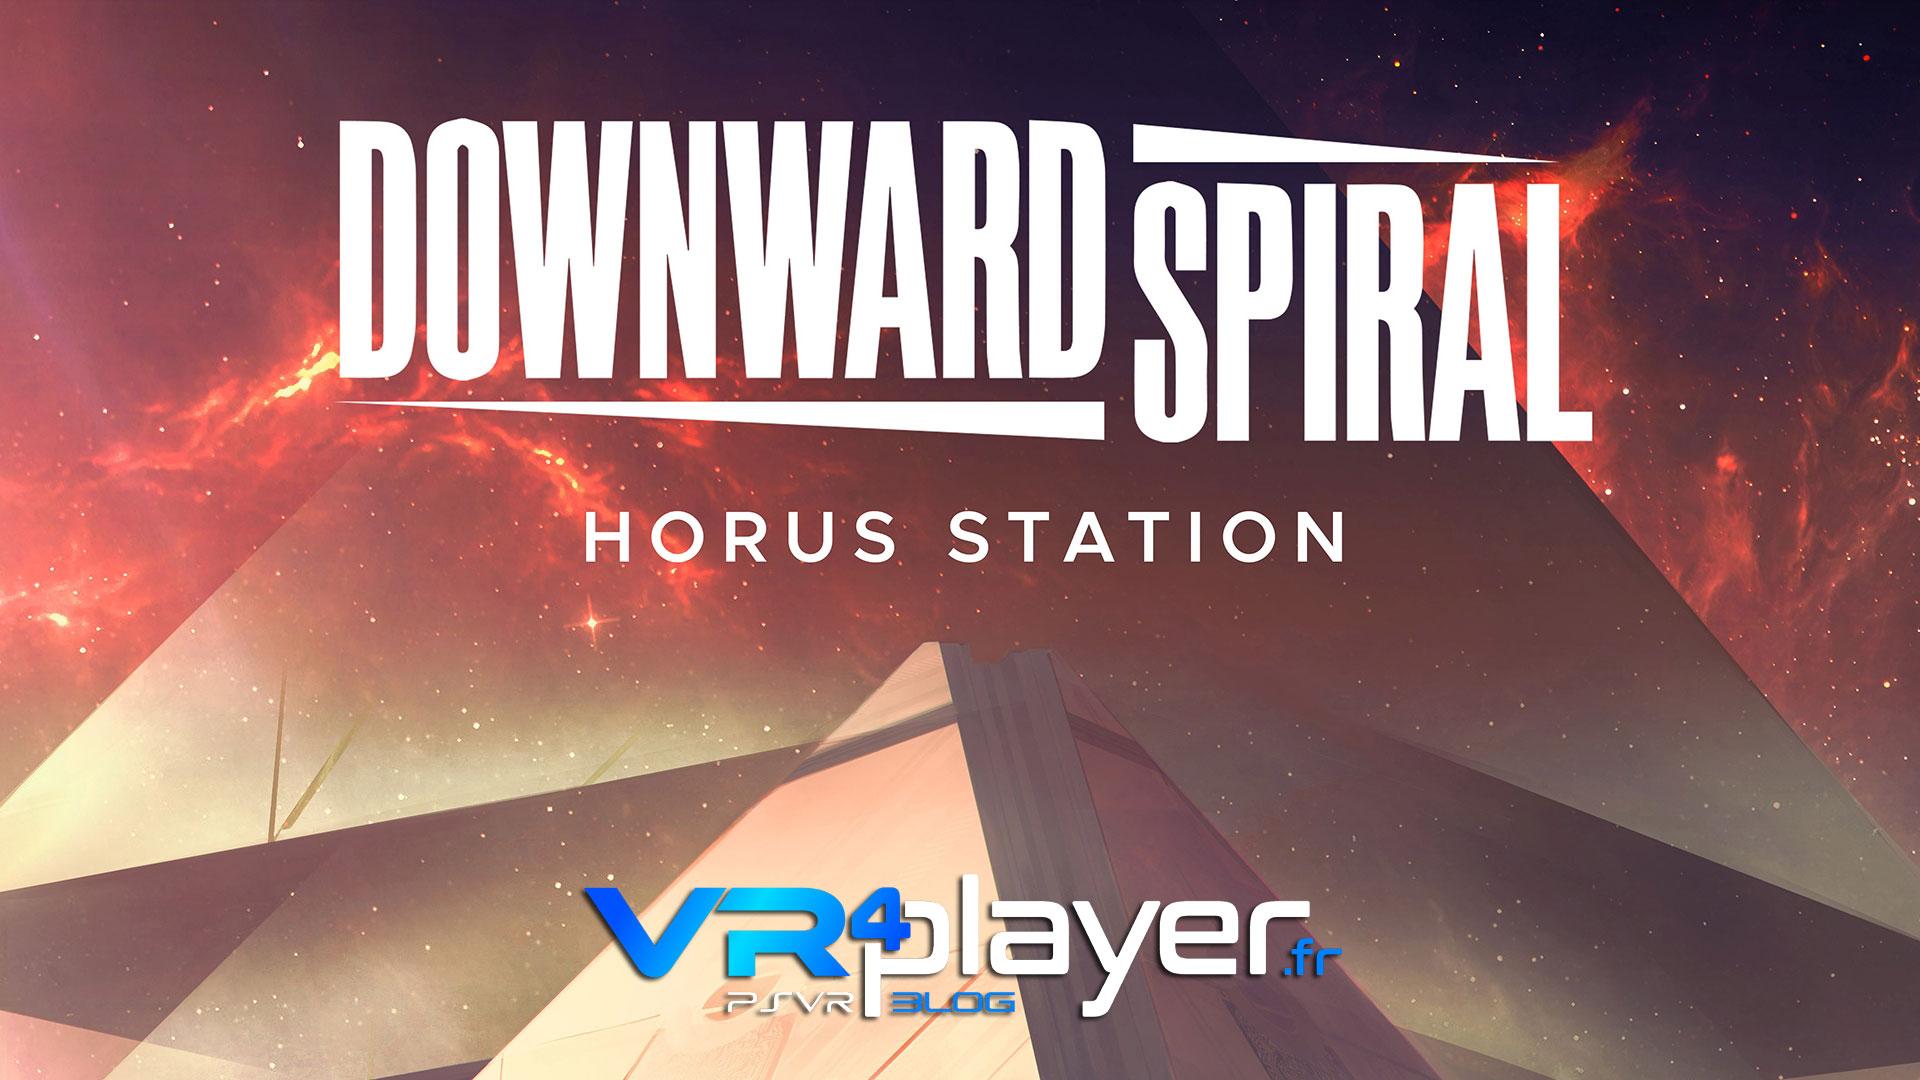 Downward Spiral Horus Station a une nouvelle date de sortie sur PSVR vr4player.fr